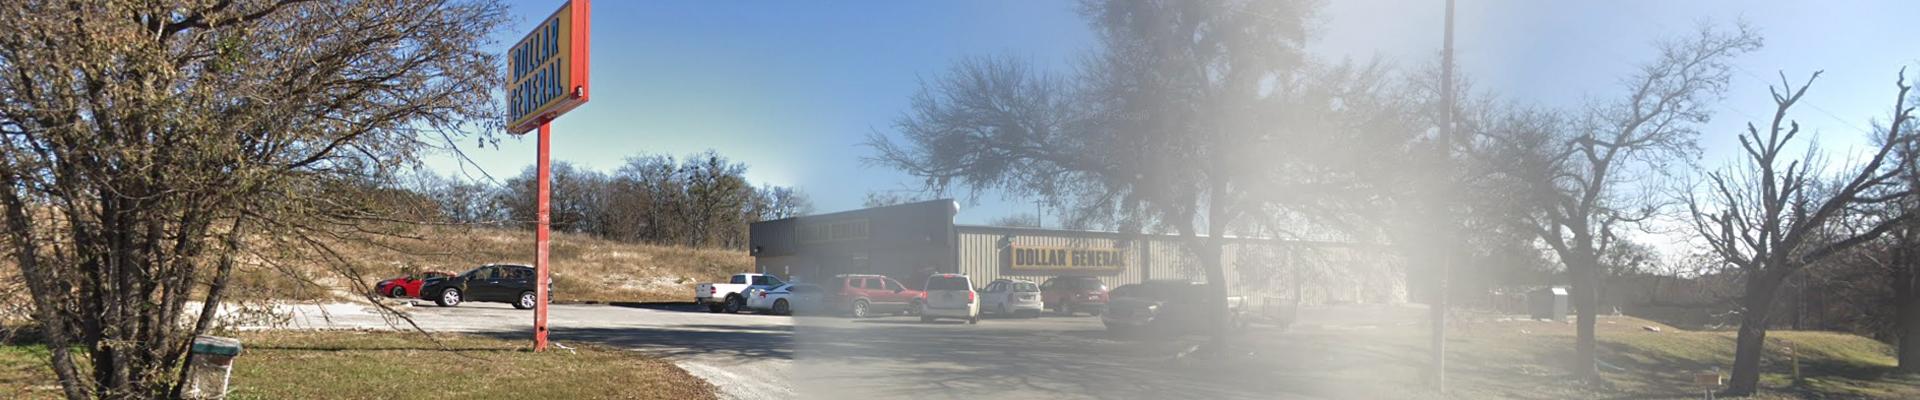 Dollar General (7992) – Hico, Texas